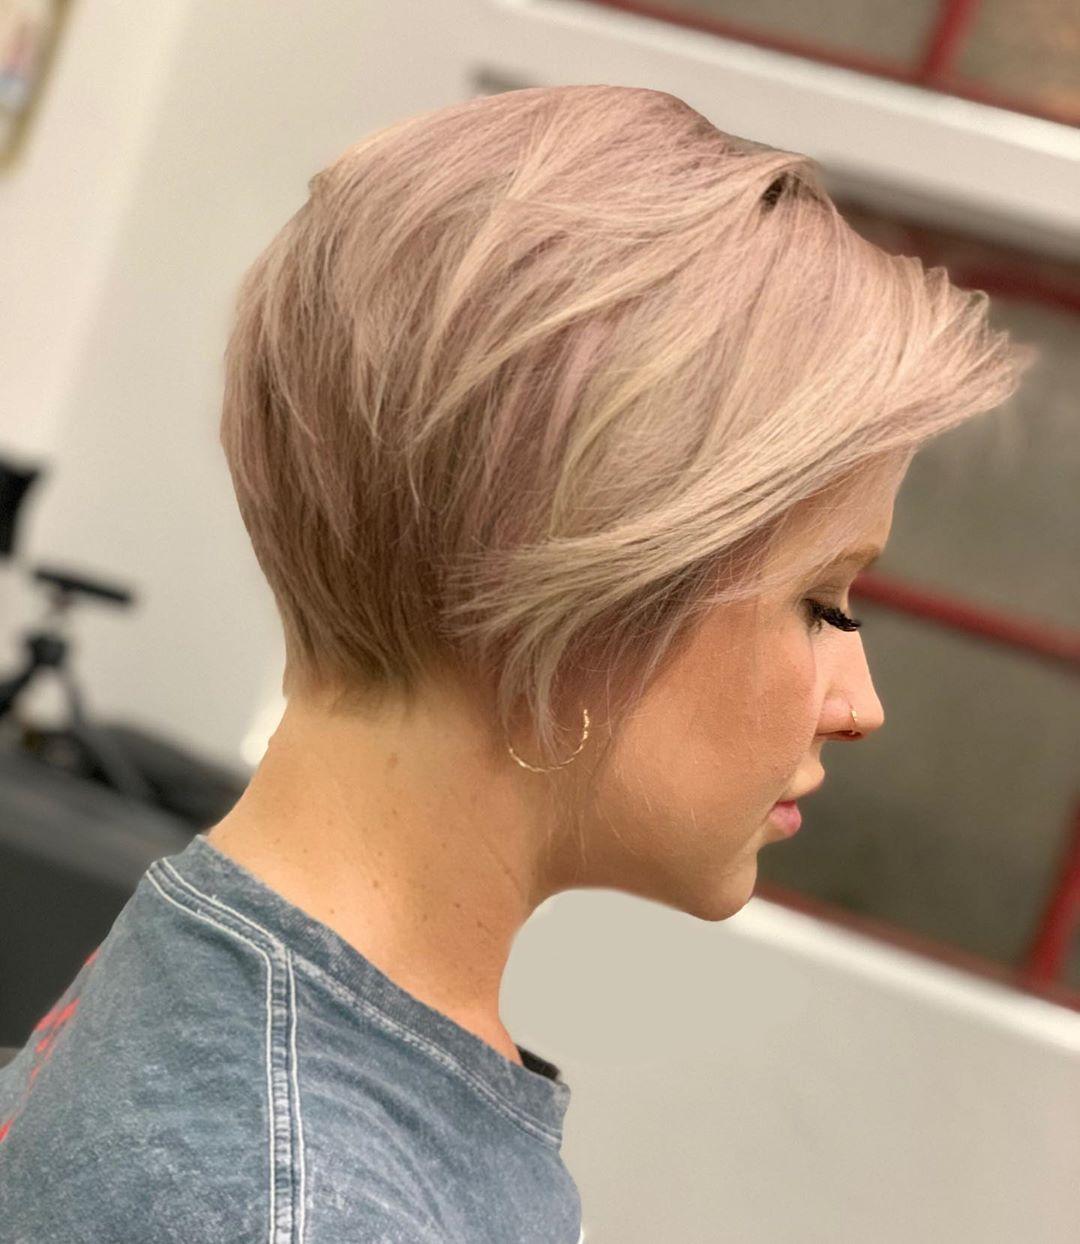 короткие стрижки для тонких волос фото 11